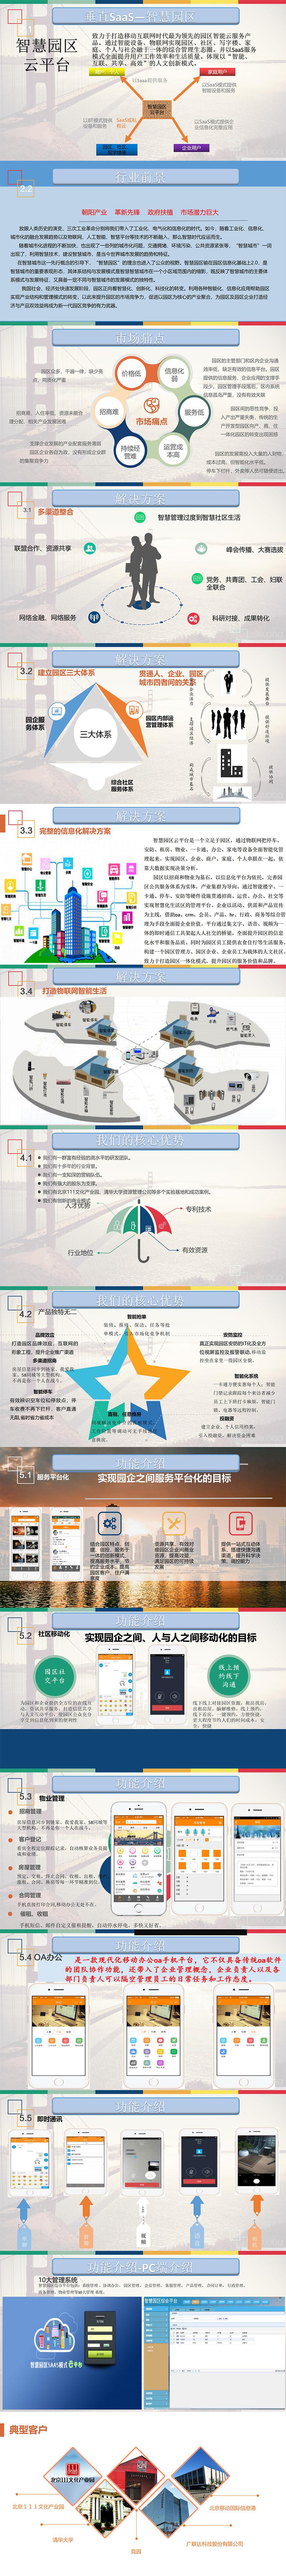 智慧园区云平台简介正式.jpg